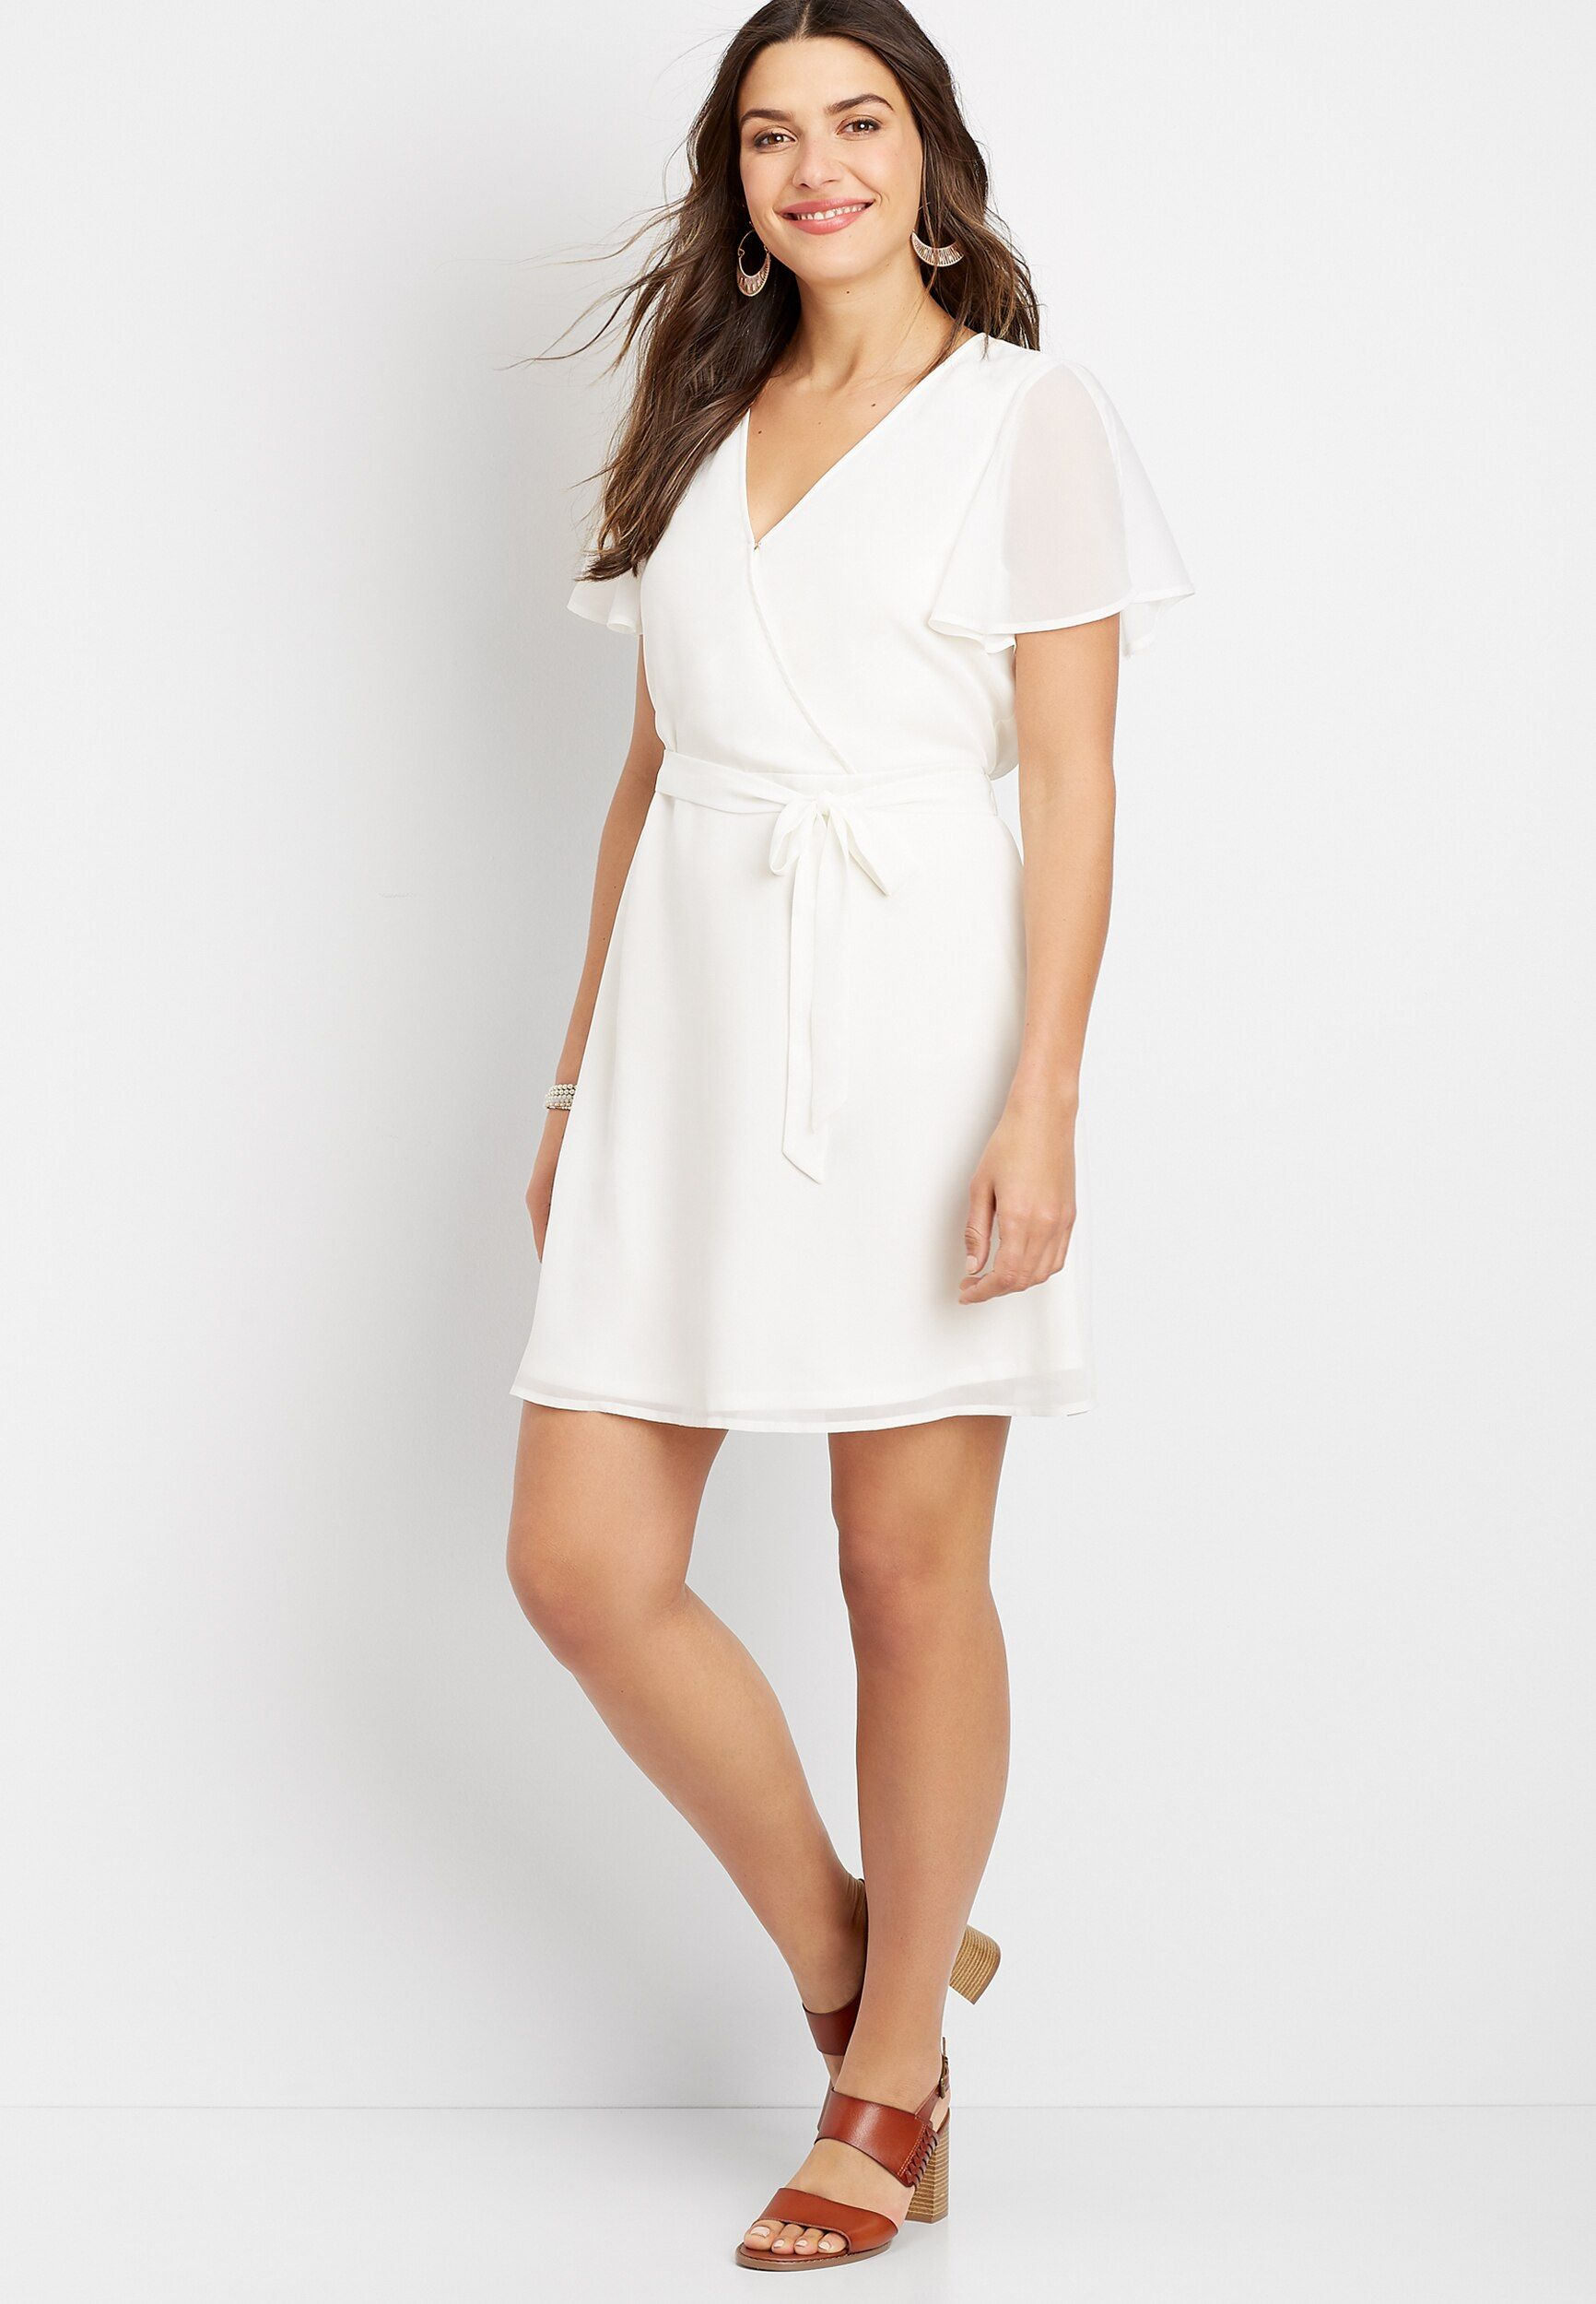 White Wrap Dress White Wrap Dress Dresses Wrap Dress [ 2500 x 1732 Pixel ]